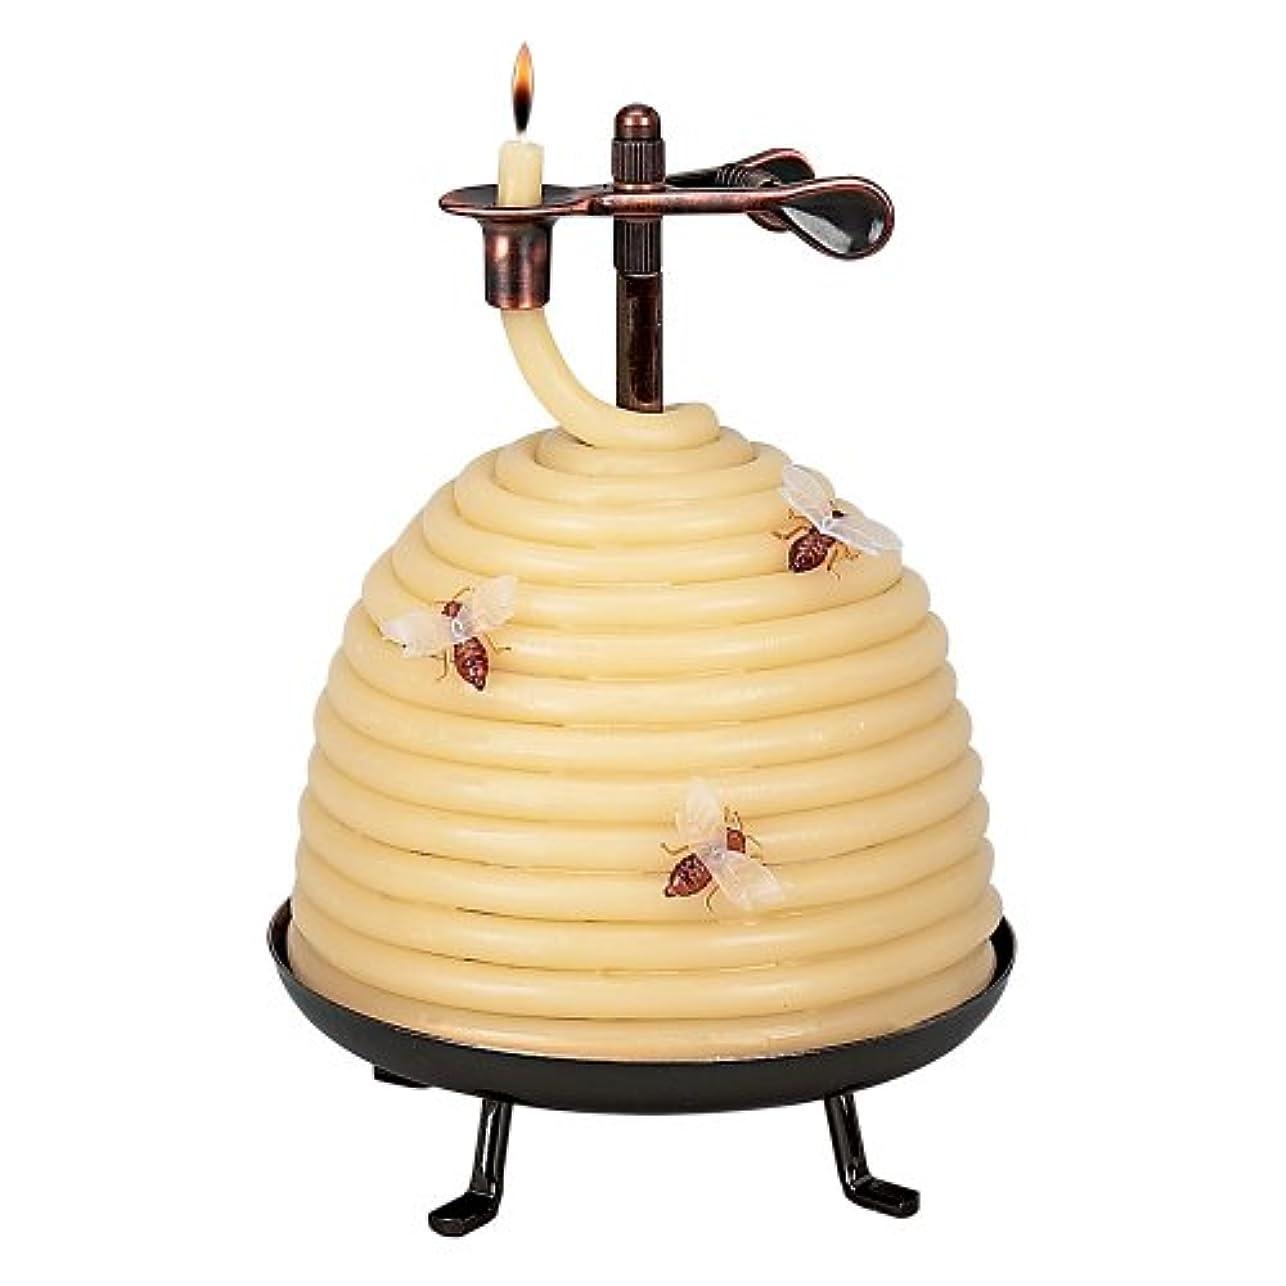 シャーロットブロンテ聖人会うCandle By The Hour 20641B 70 Hour Beehive Coil Candle